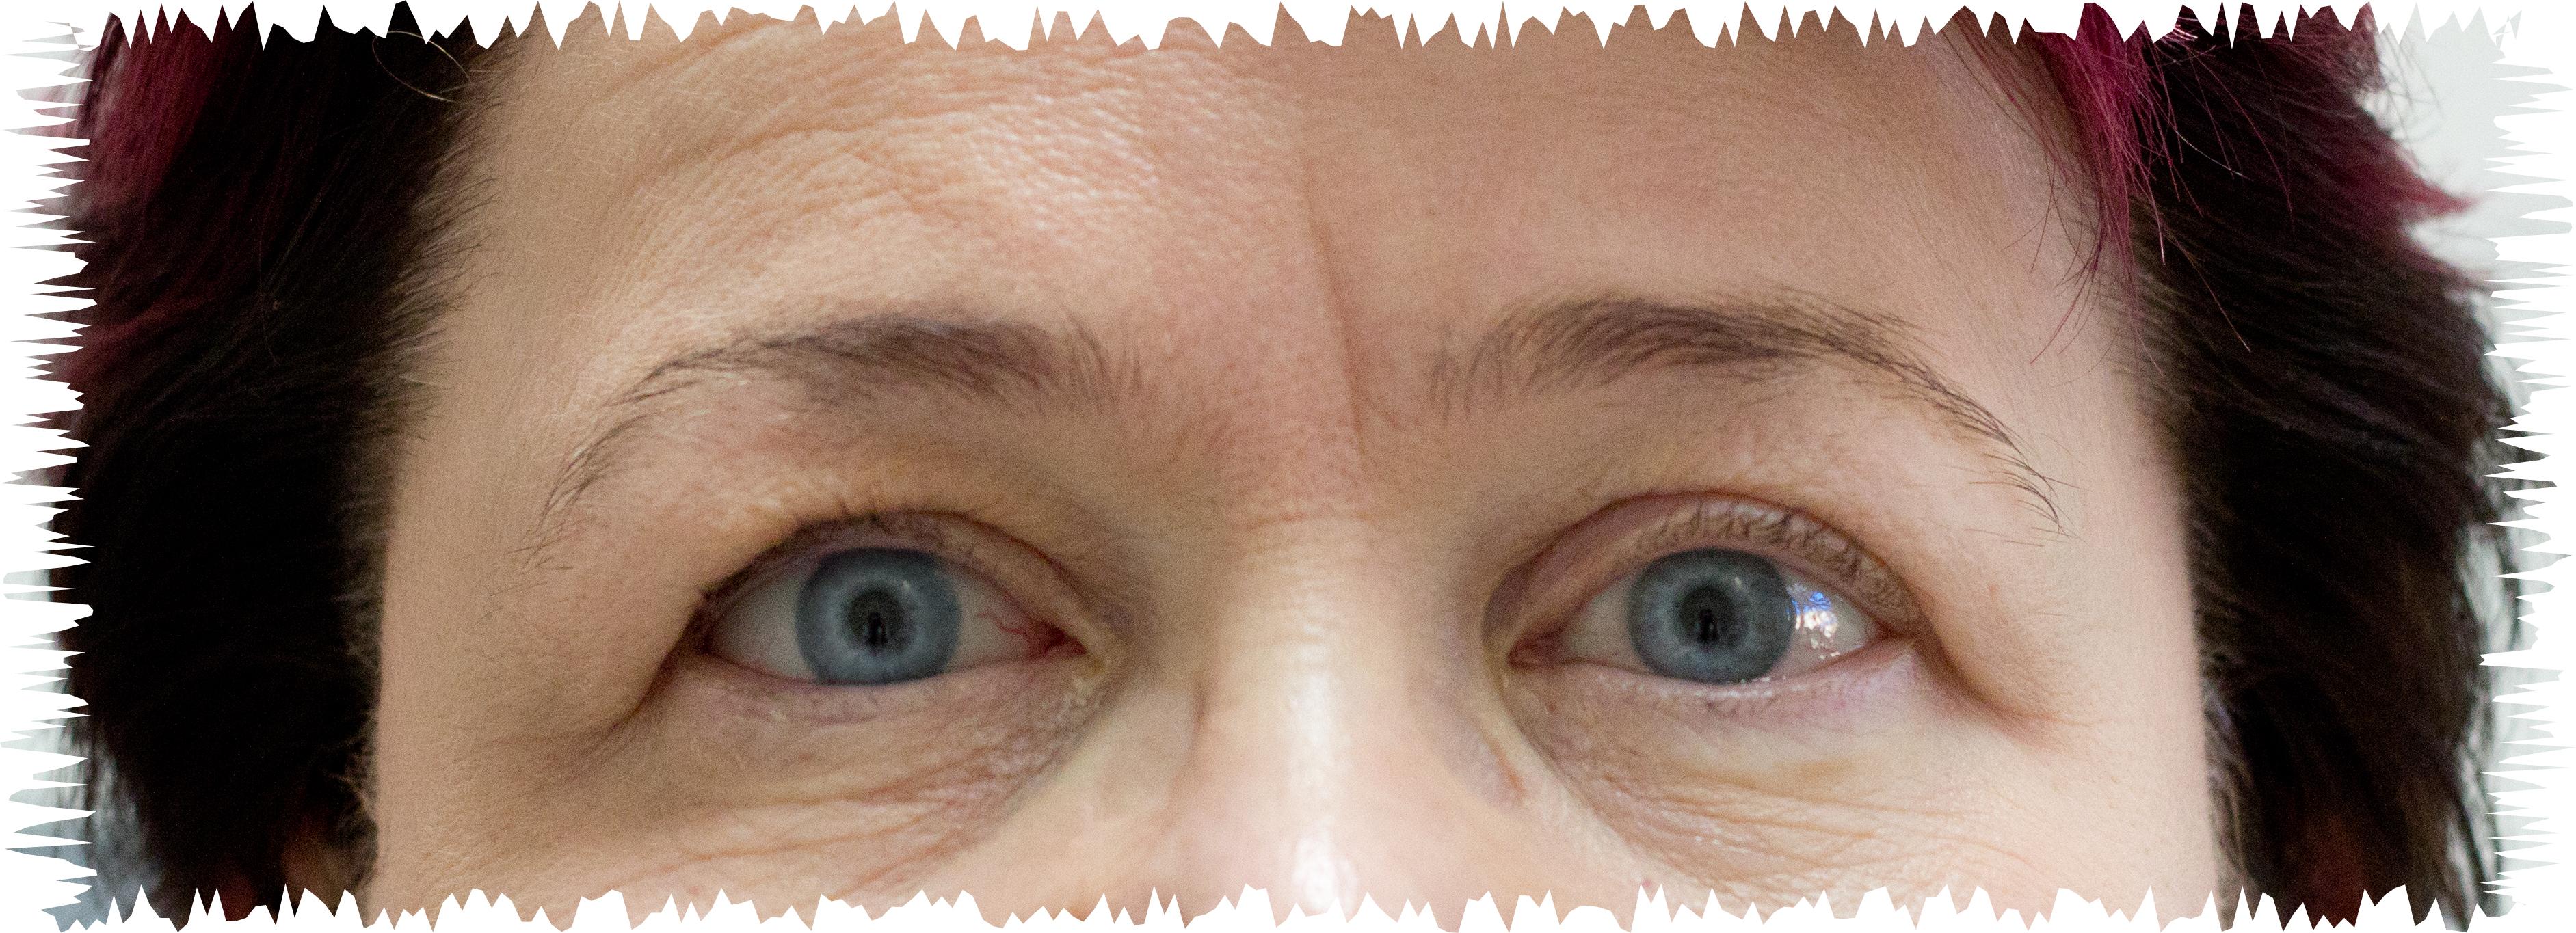 Silmäproteesi